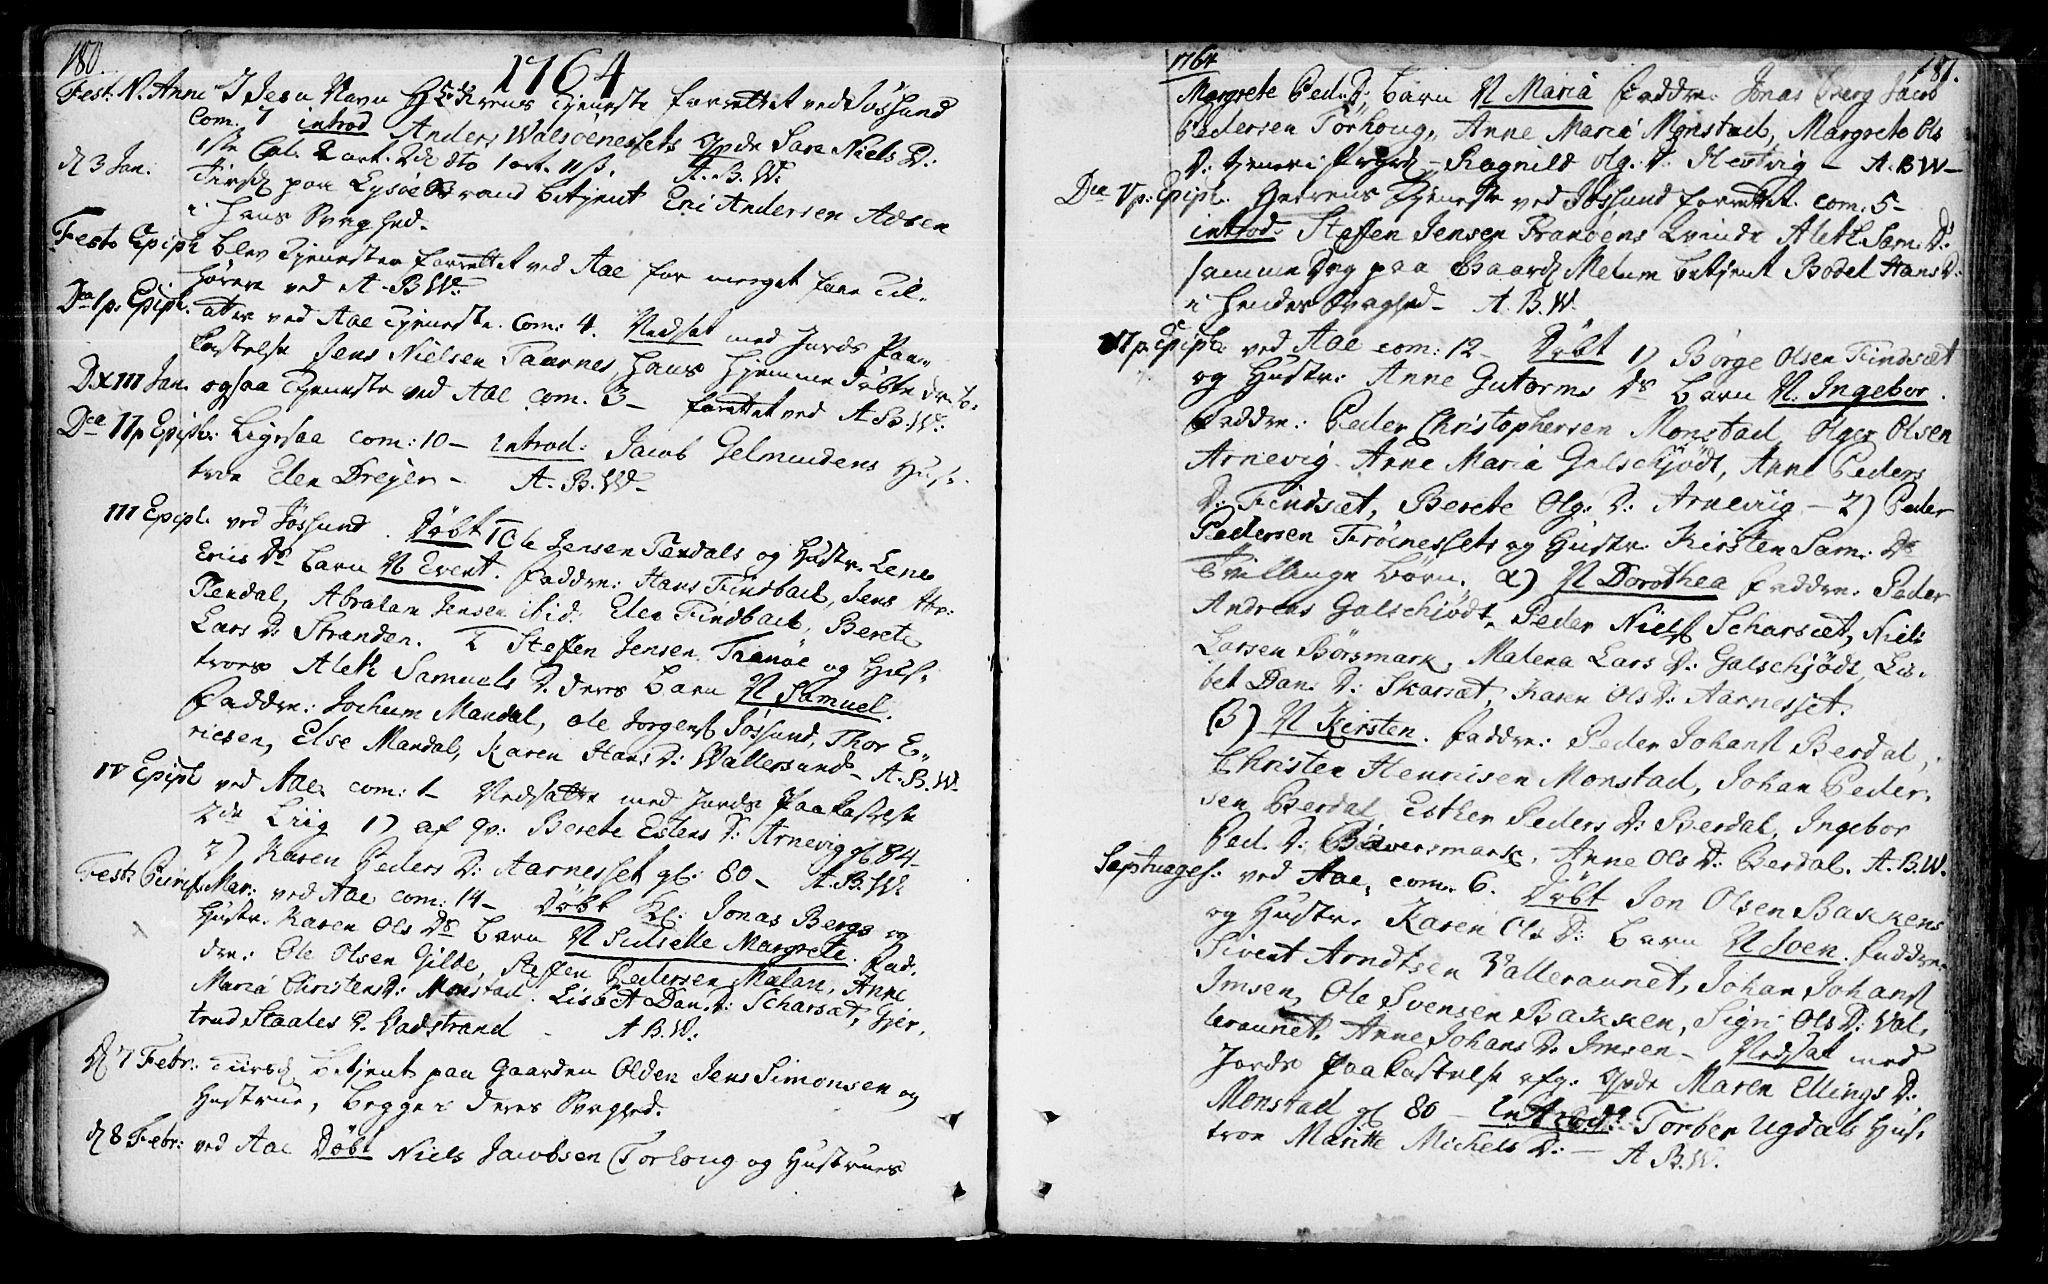 SAT, Ministerialprotokoller, klokkerbøker og fødselsregistre - Sør-Trøndelag, 655/L0672: Ministerialbok nr. 655A01, 1750-1779, s. 180-181